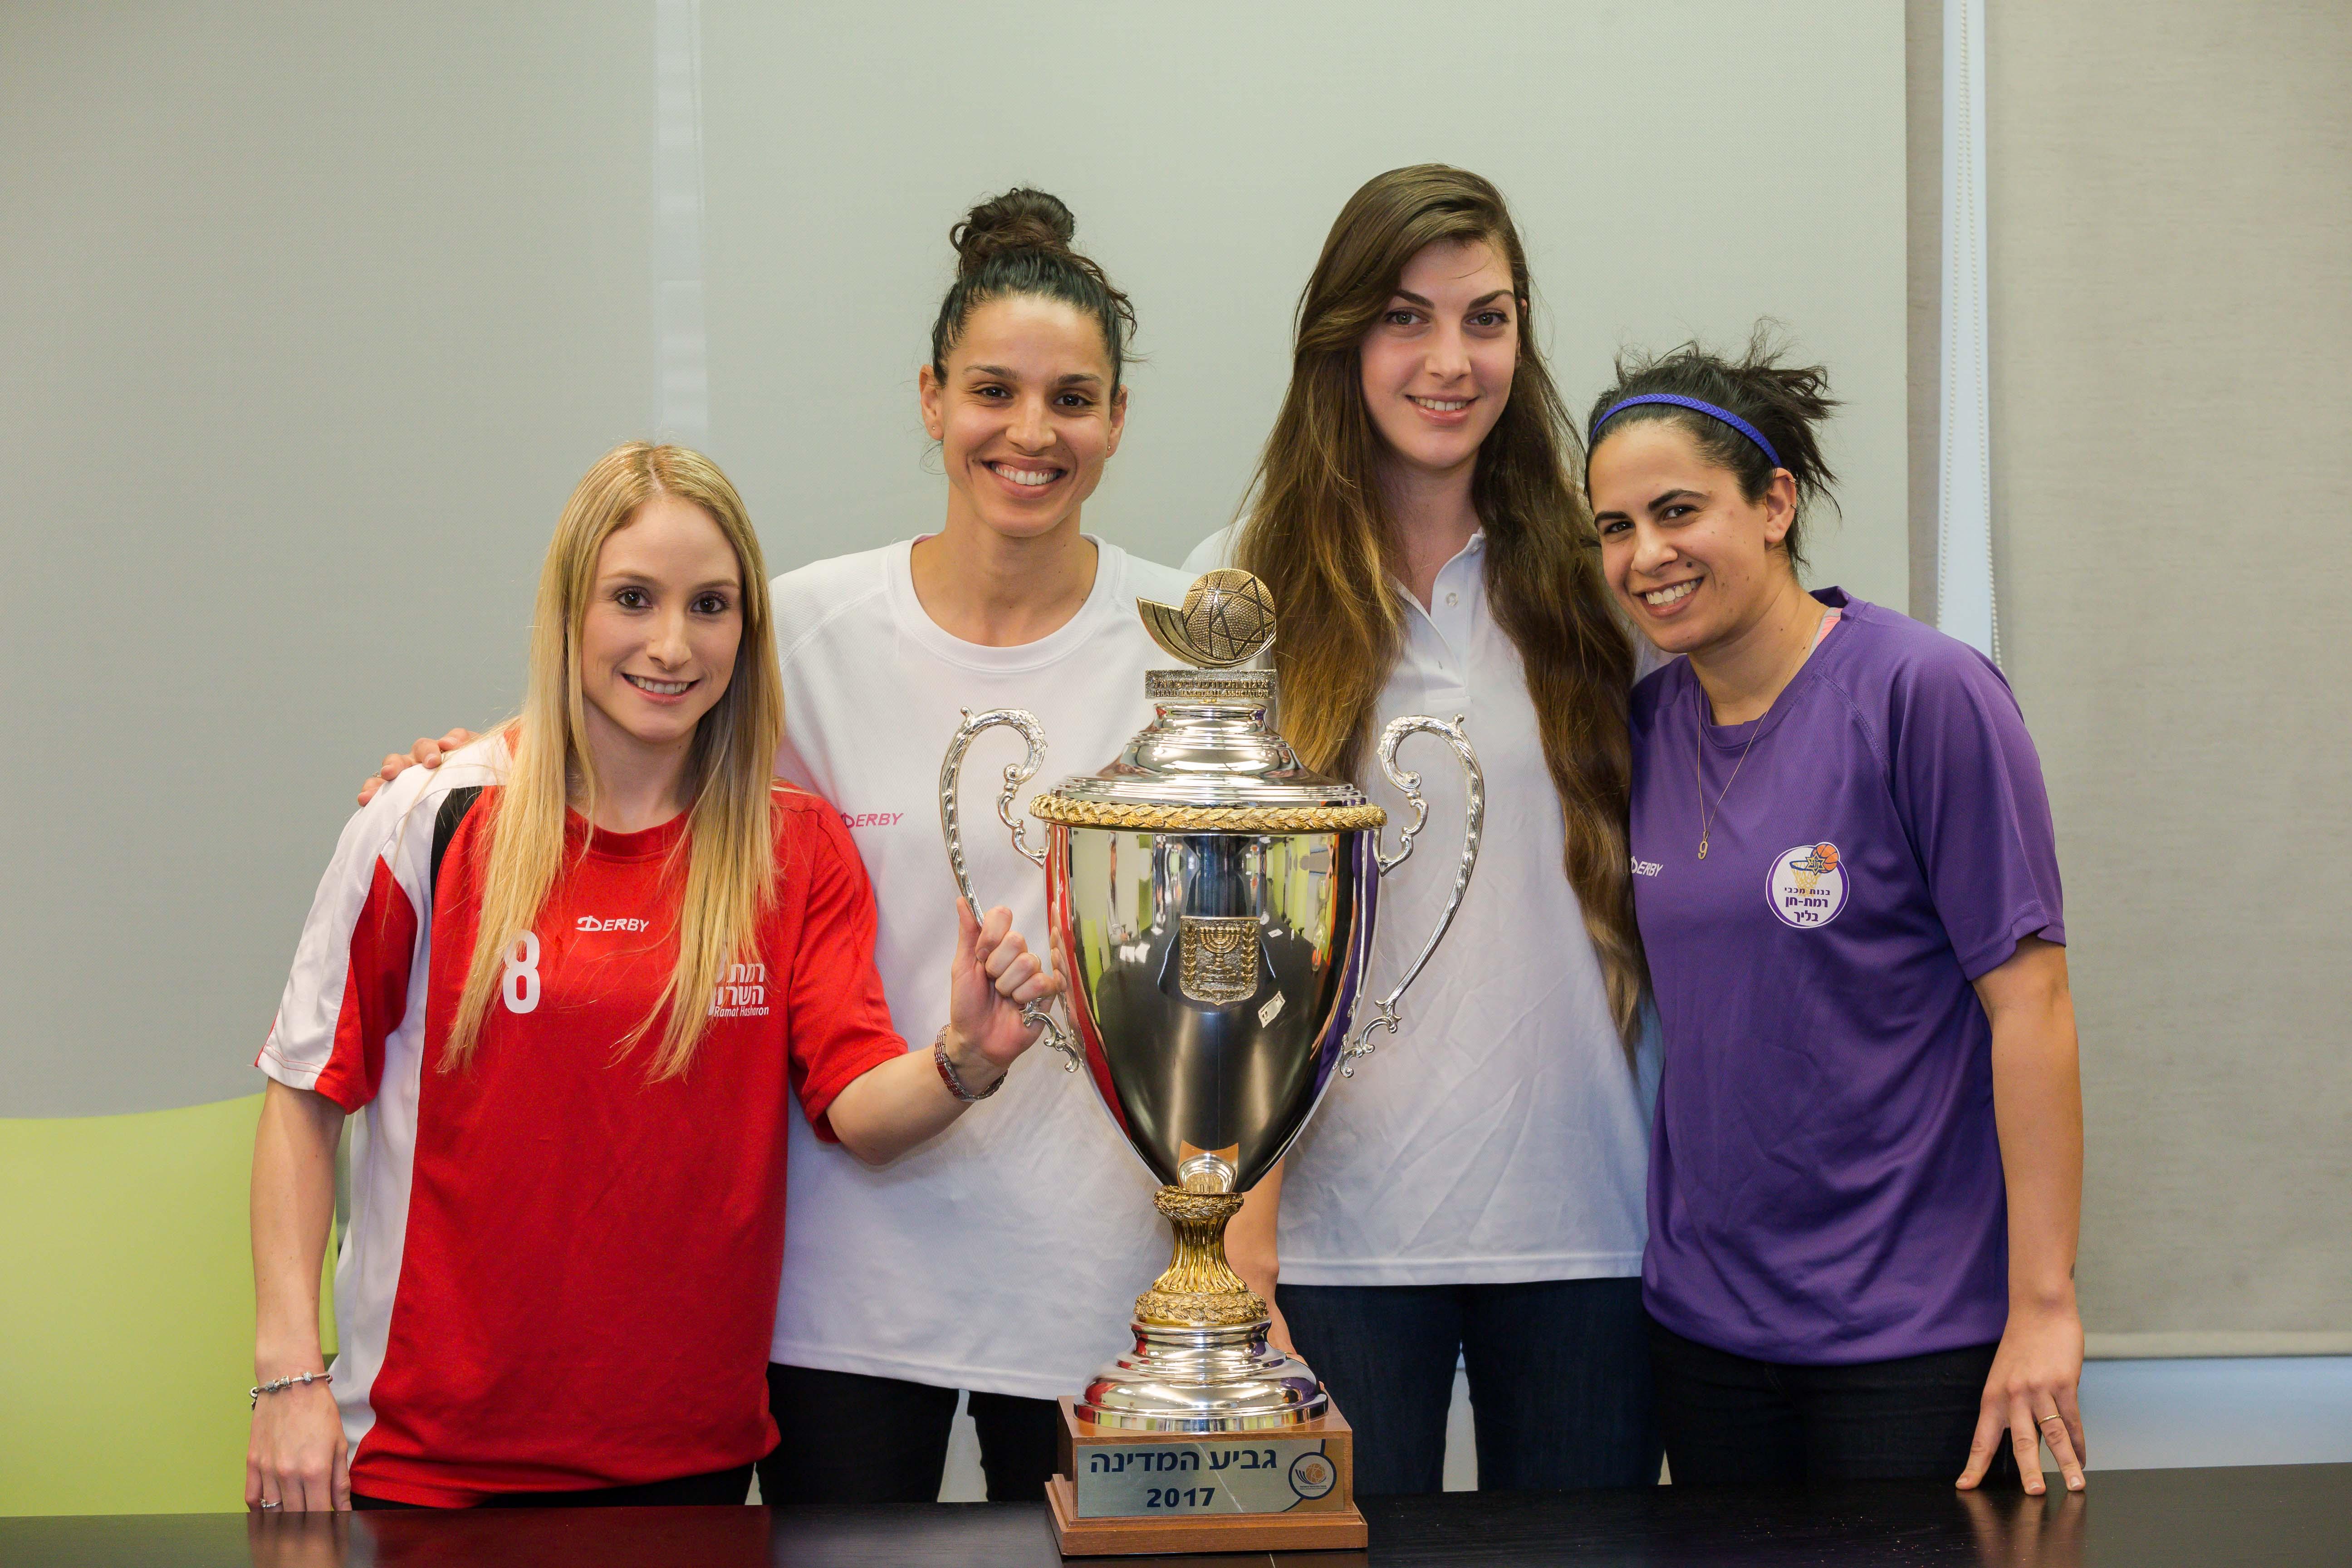 בשני חצאי גמר גביע המדינה ווינר סל לנשים ברמלה